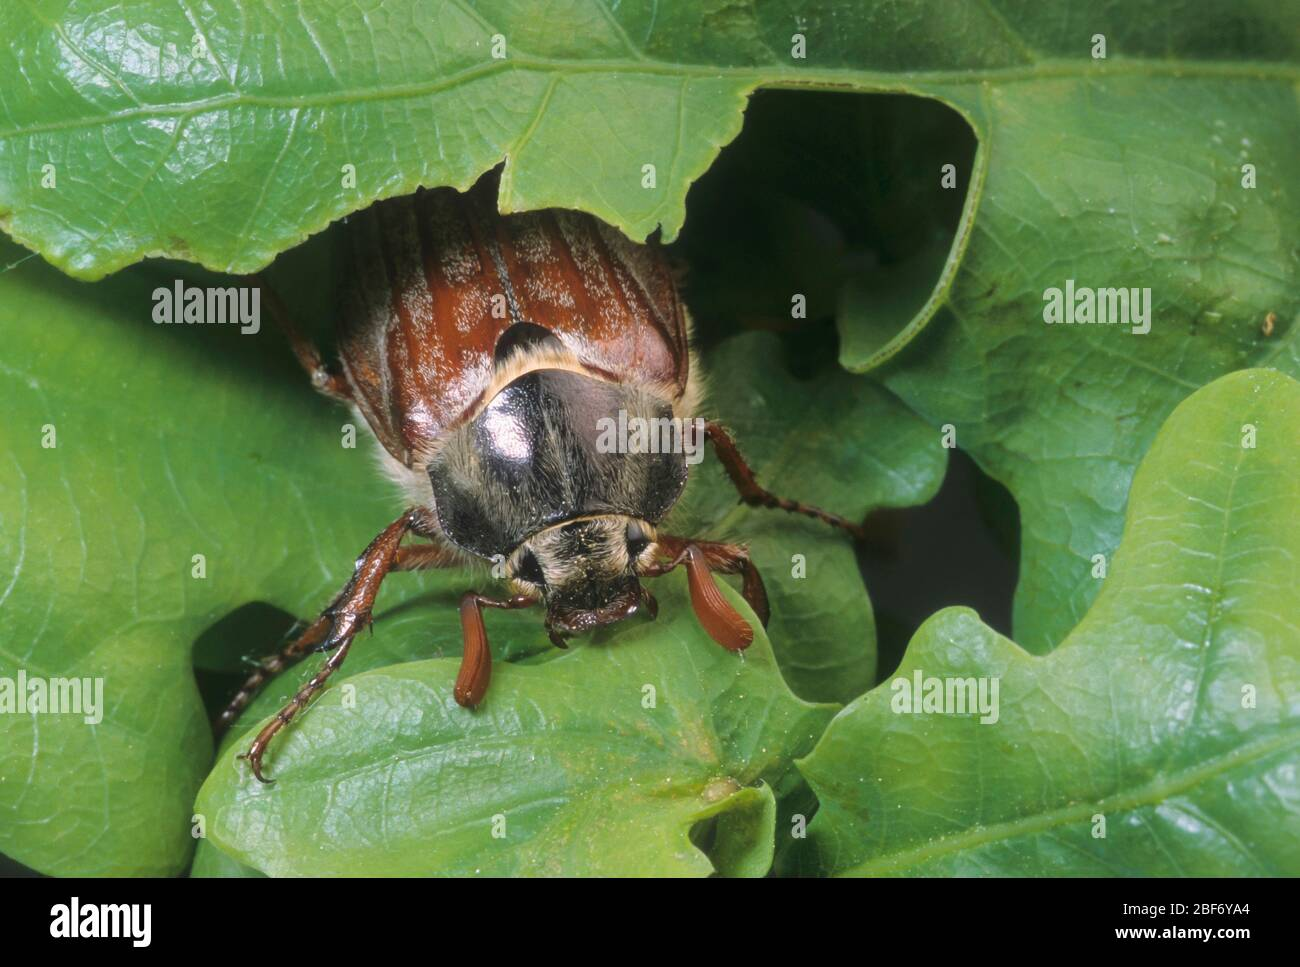 Cocarde commune, Maybug, Maycotele (Melolontha melolontha), se nourrit de chêne Banque D'Images